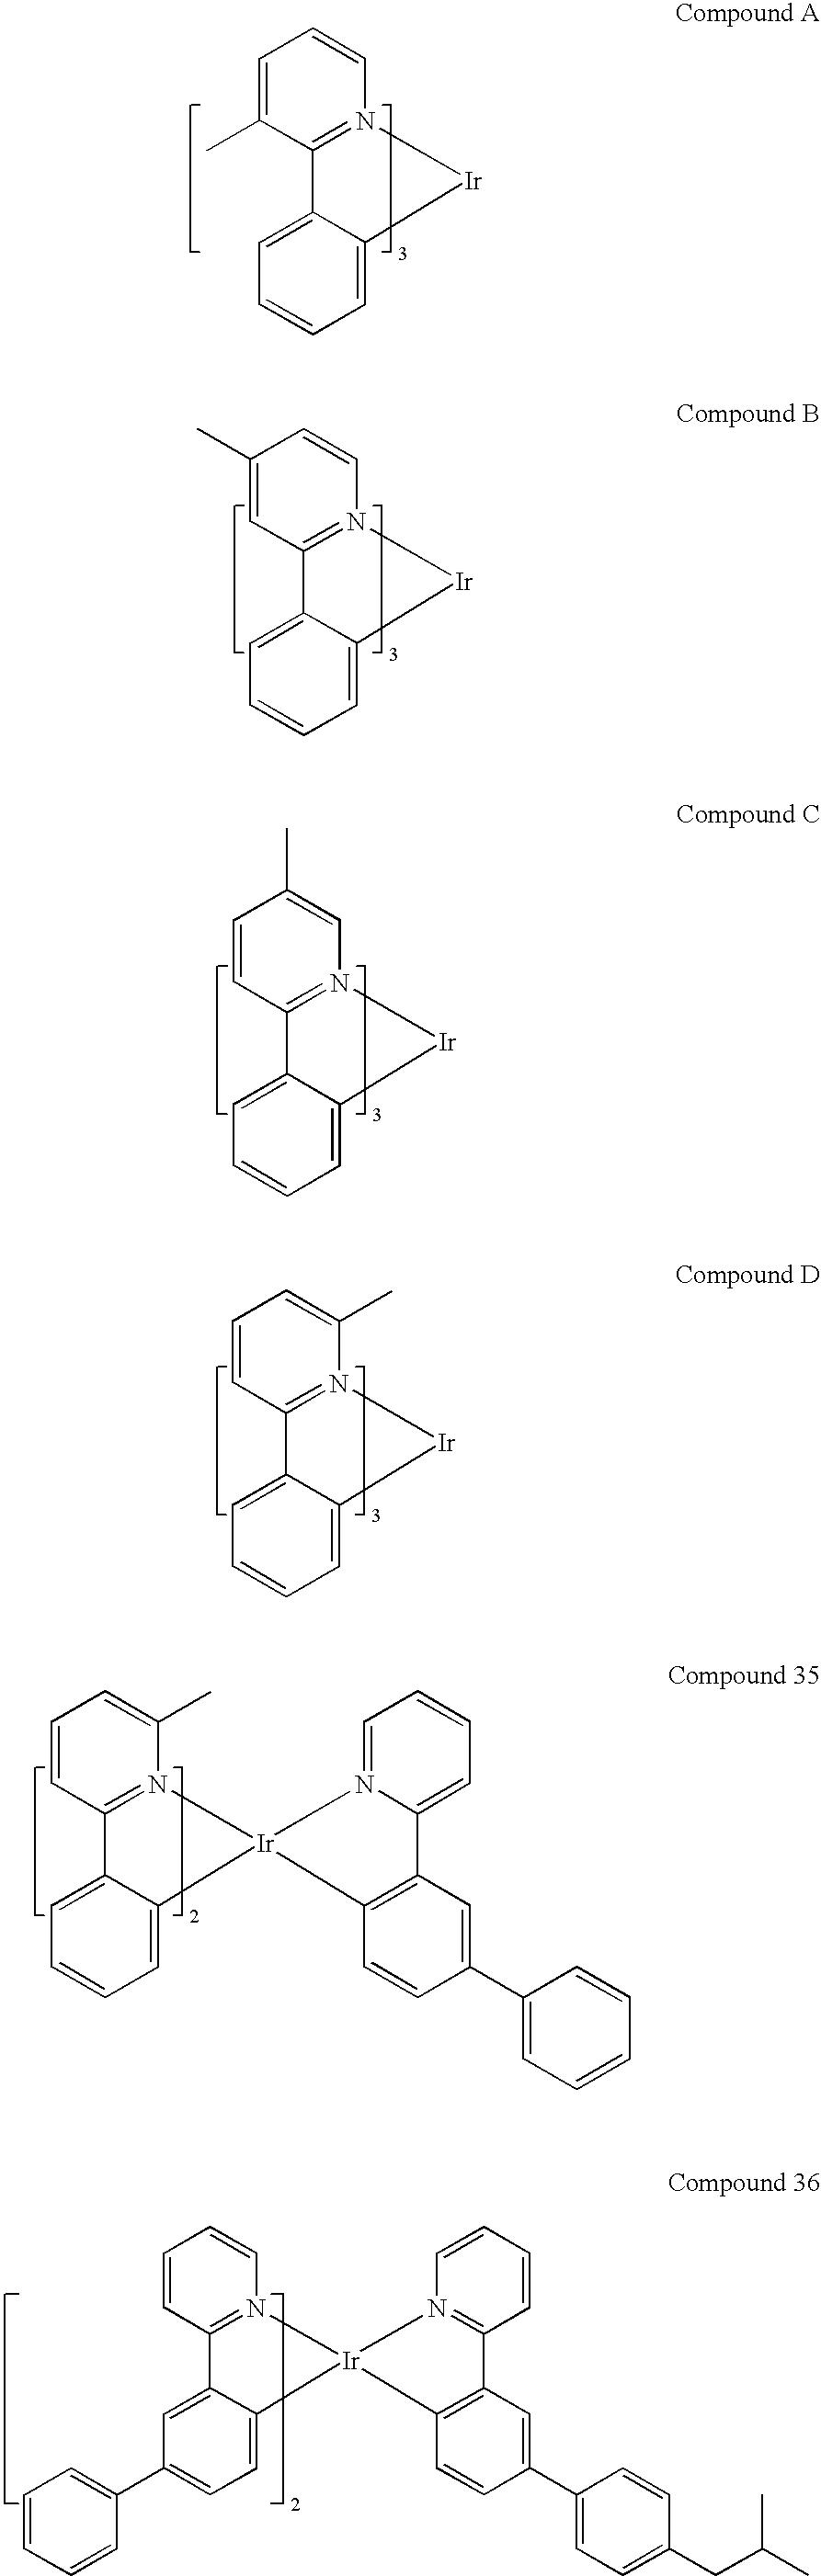 Figure US20090108737A1-20090430-C00203